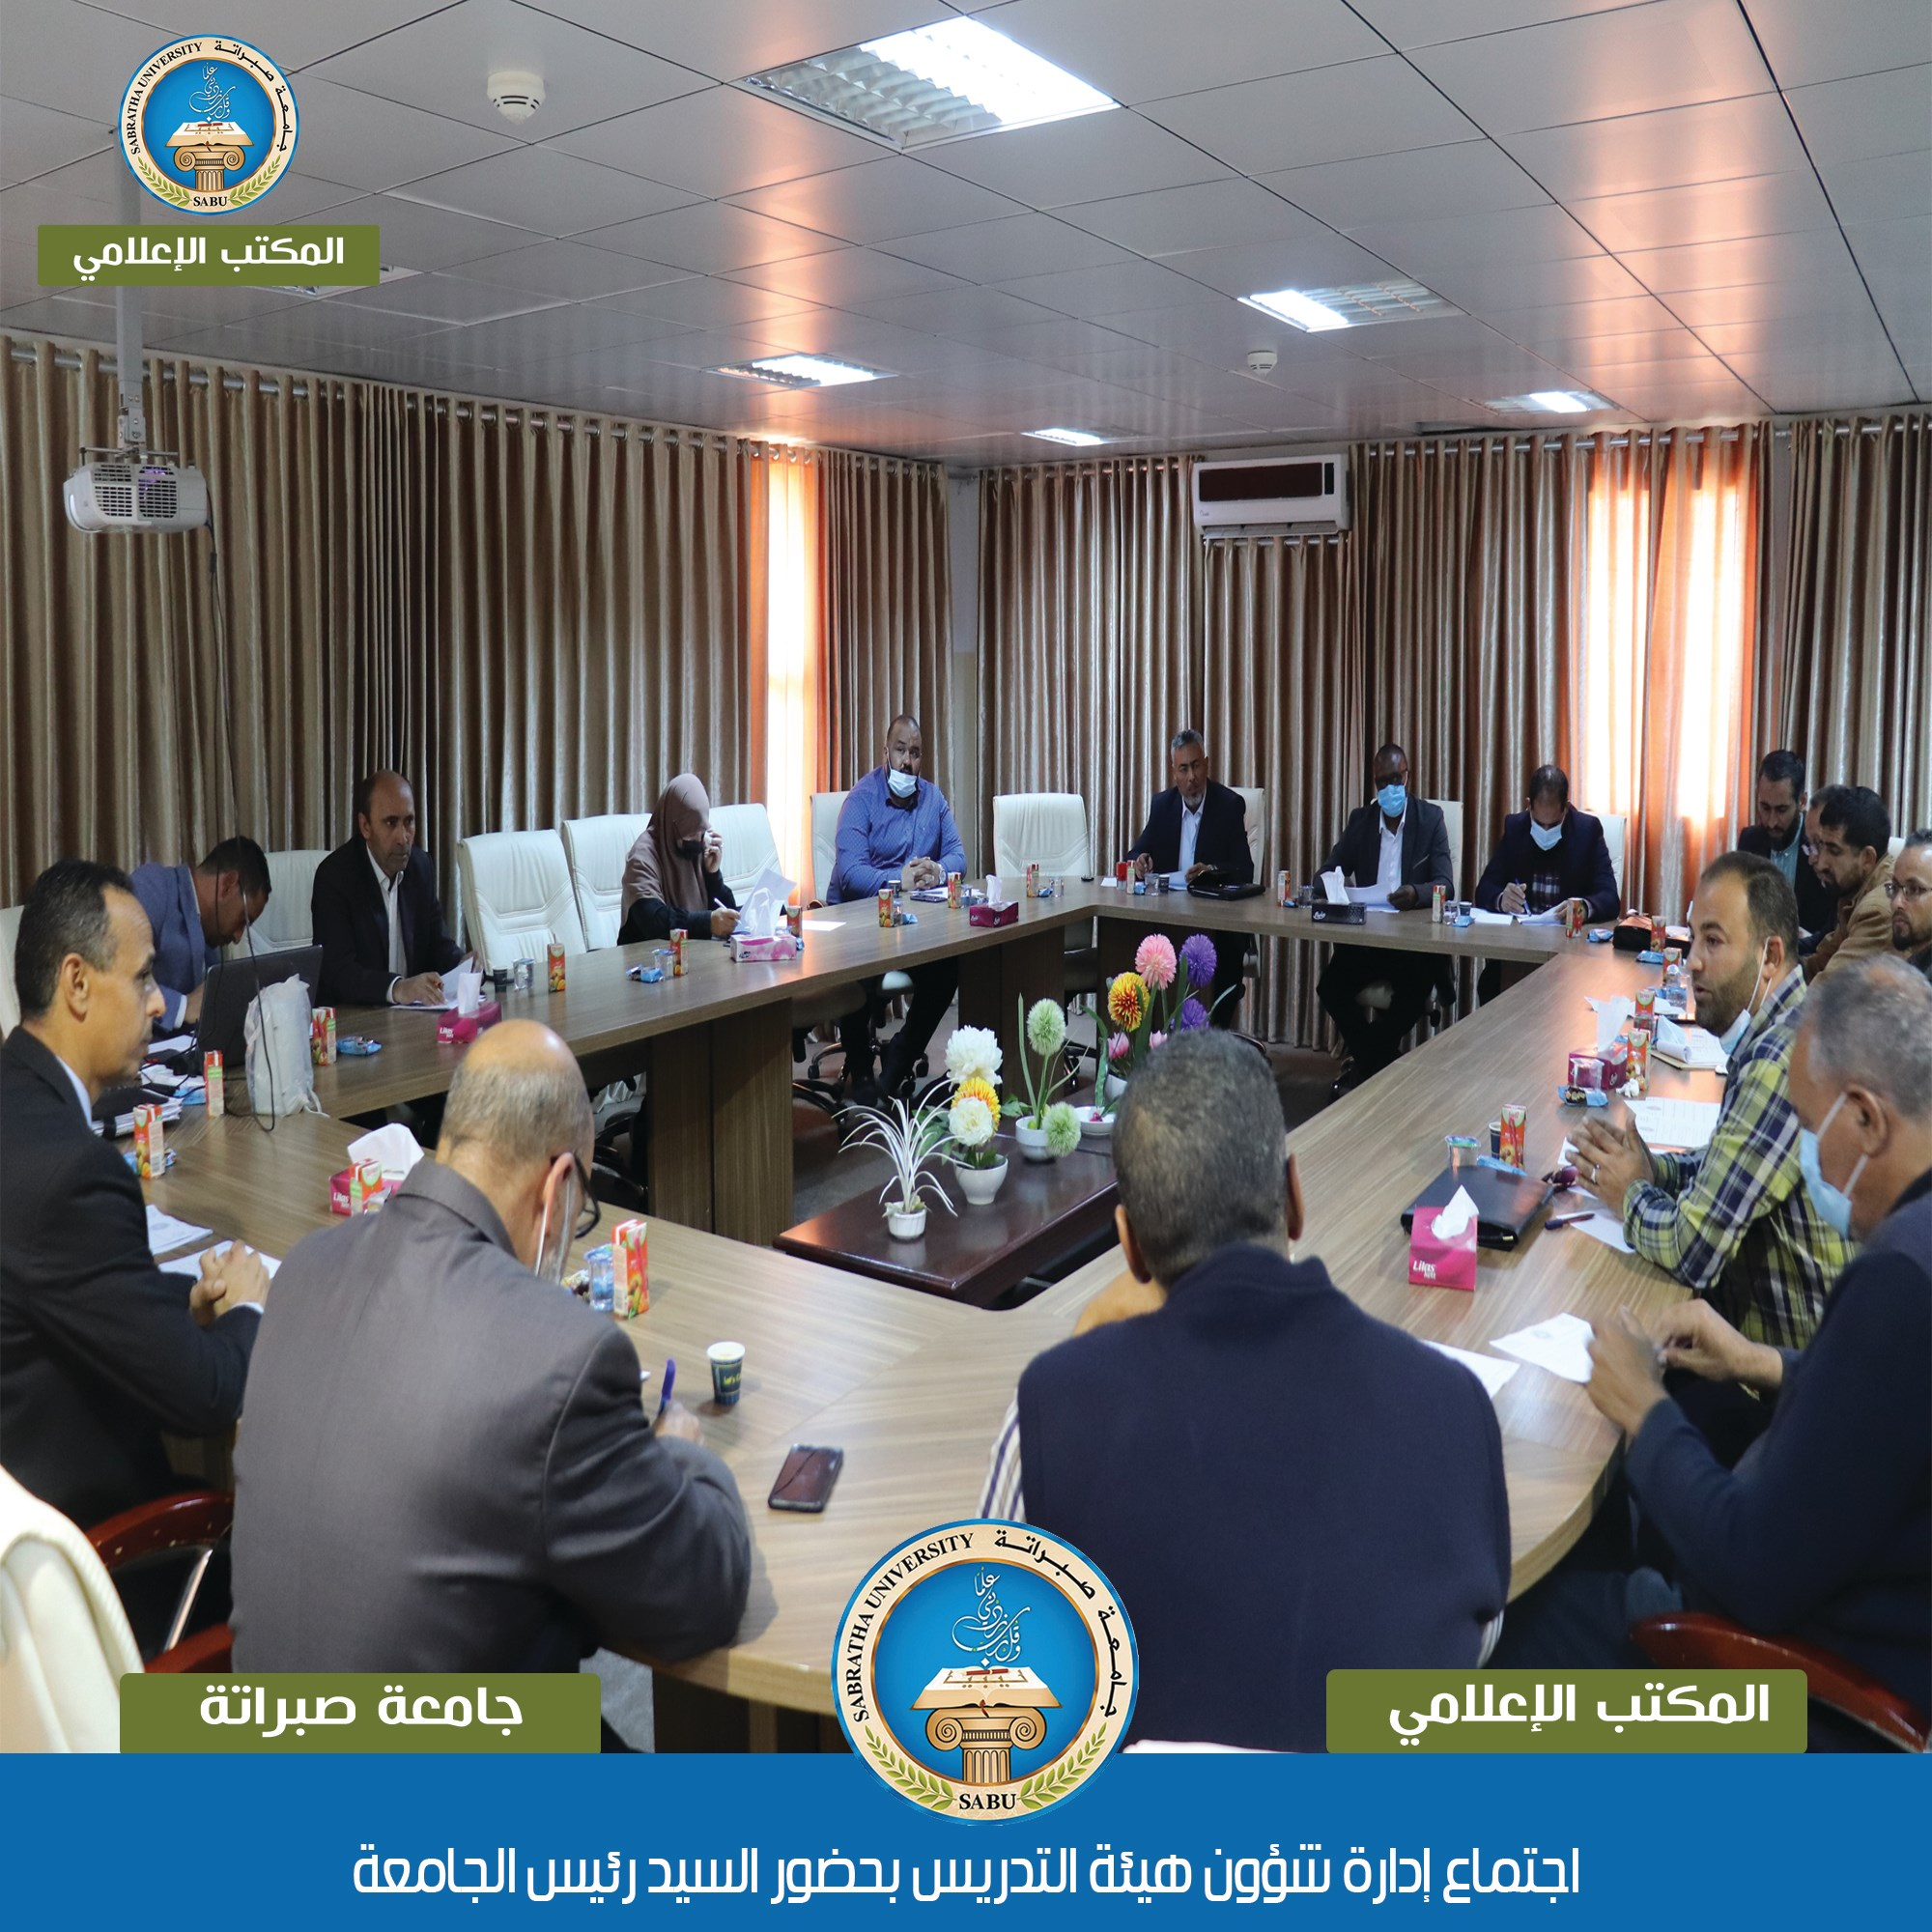 اجتماع إدارة شؤون أعضاء هيئة التدريس بحضور السيد رئيس الجامعة